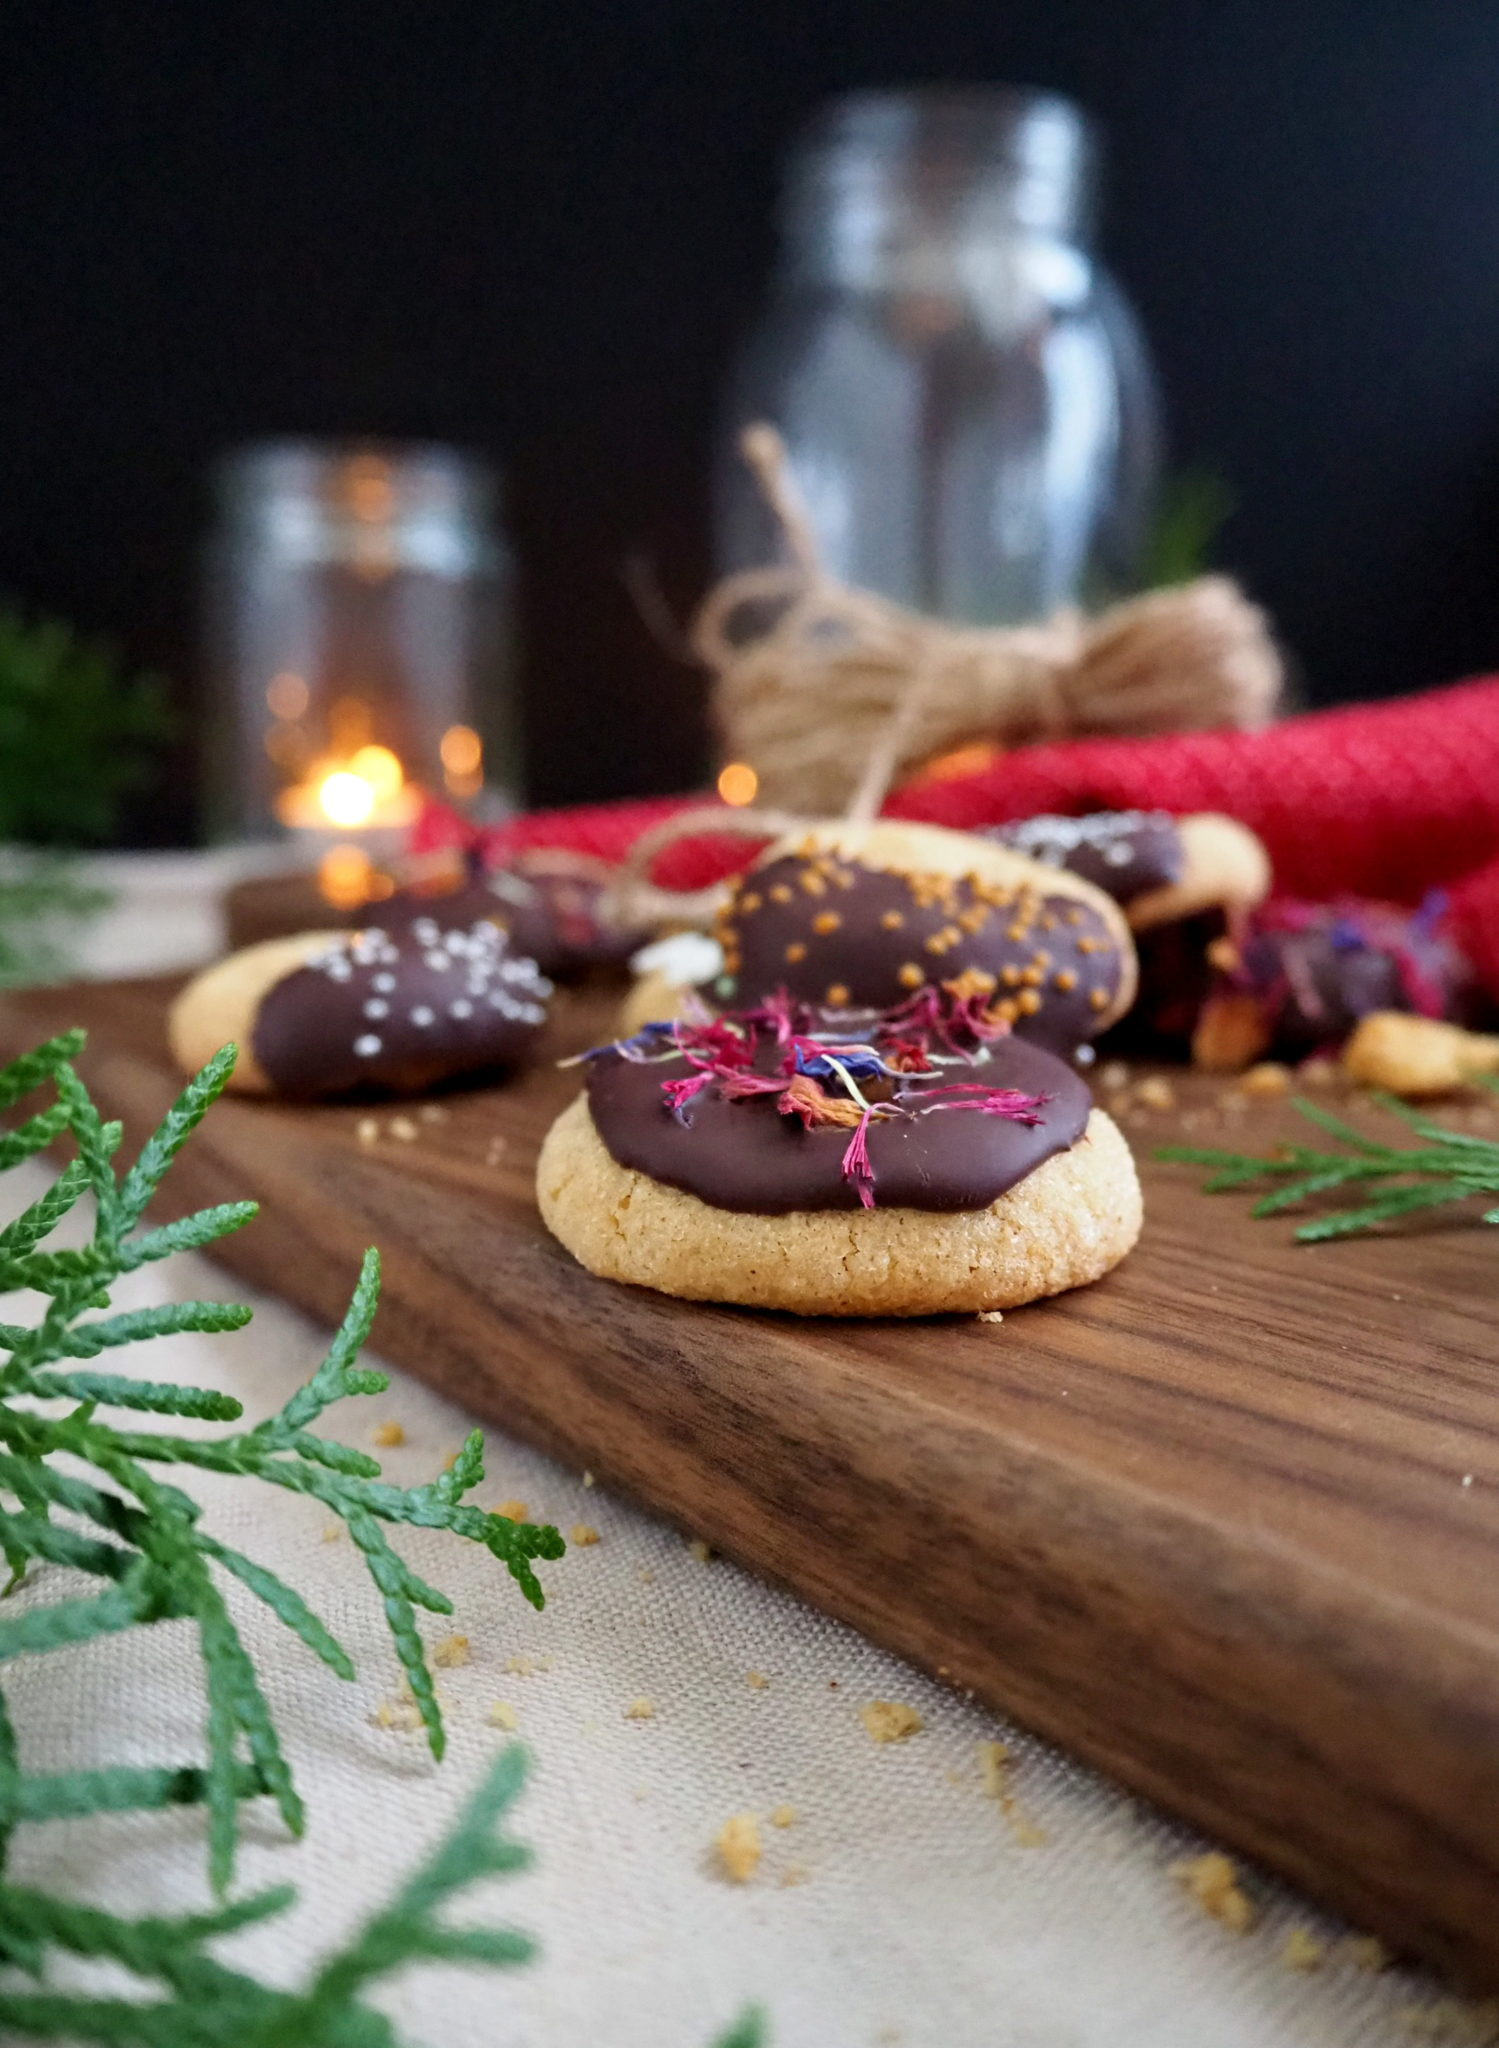 Suklaiset maustekeksit – Joulukalenteri luukku 4